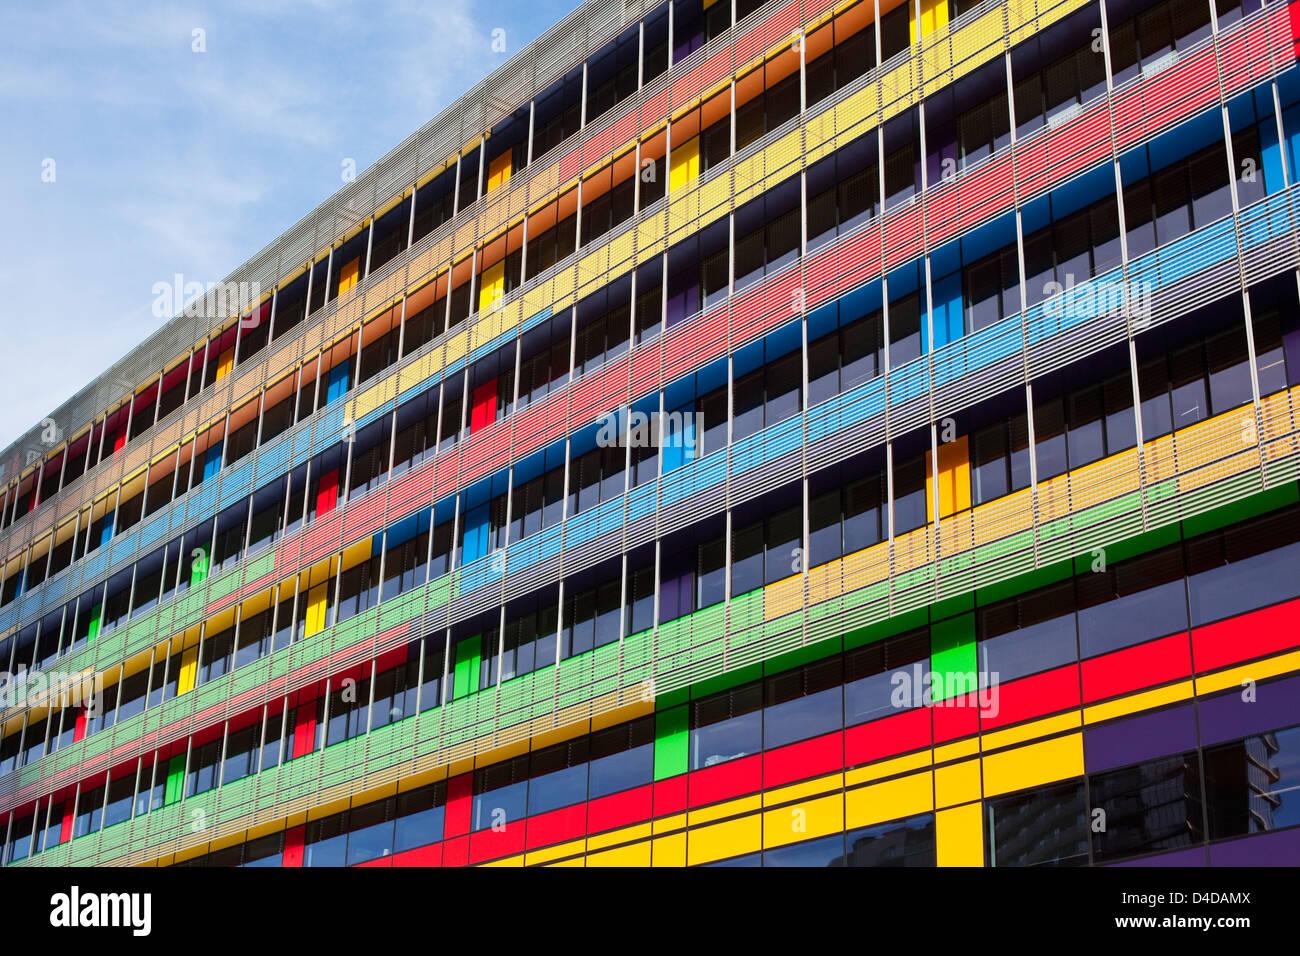 Colorata architettura della National Australia Bank Headquarters in Docklands. Melbourne, Victoria, Australia Immagini Stock